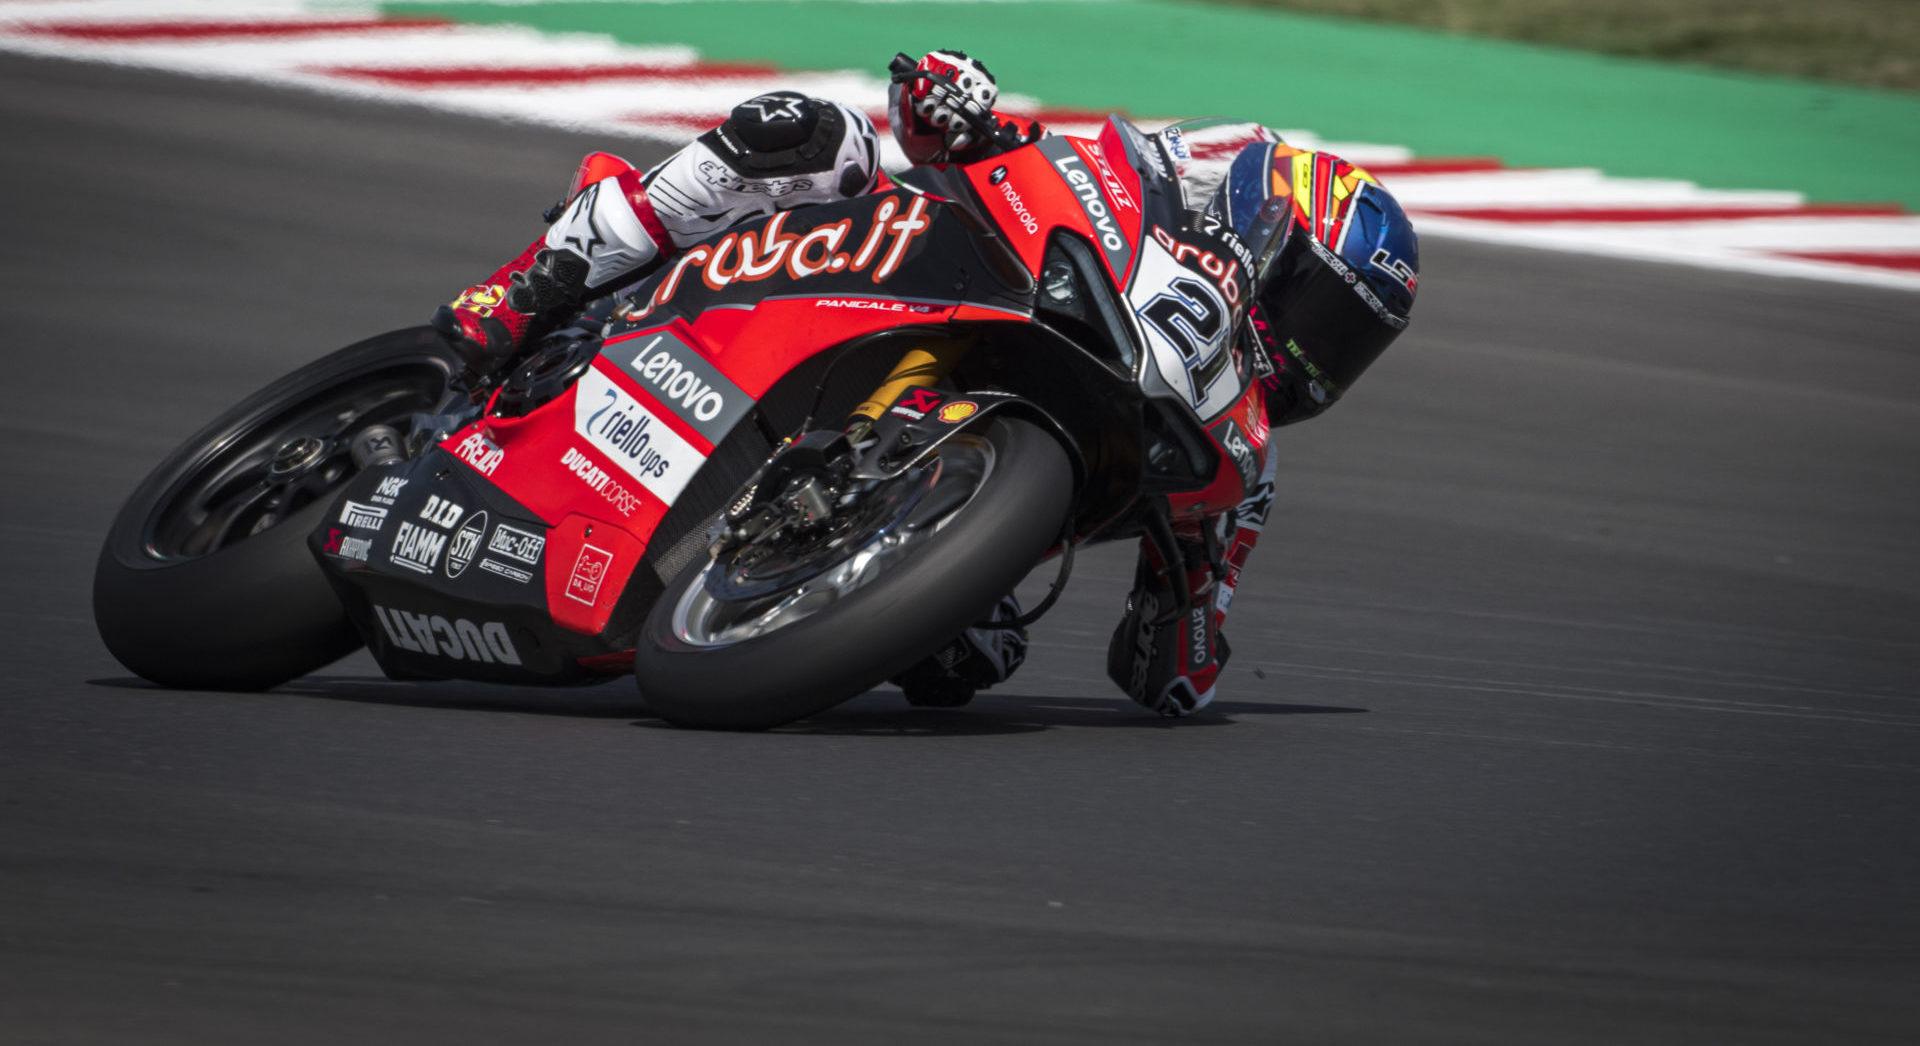 Michael Ruben Rinaldo (21). Photo courtesy Ducati.